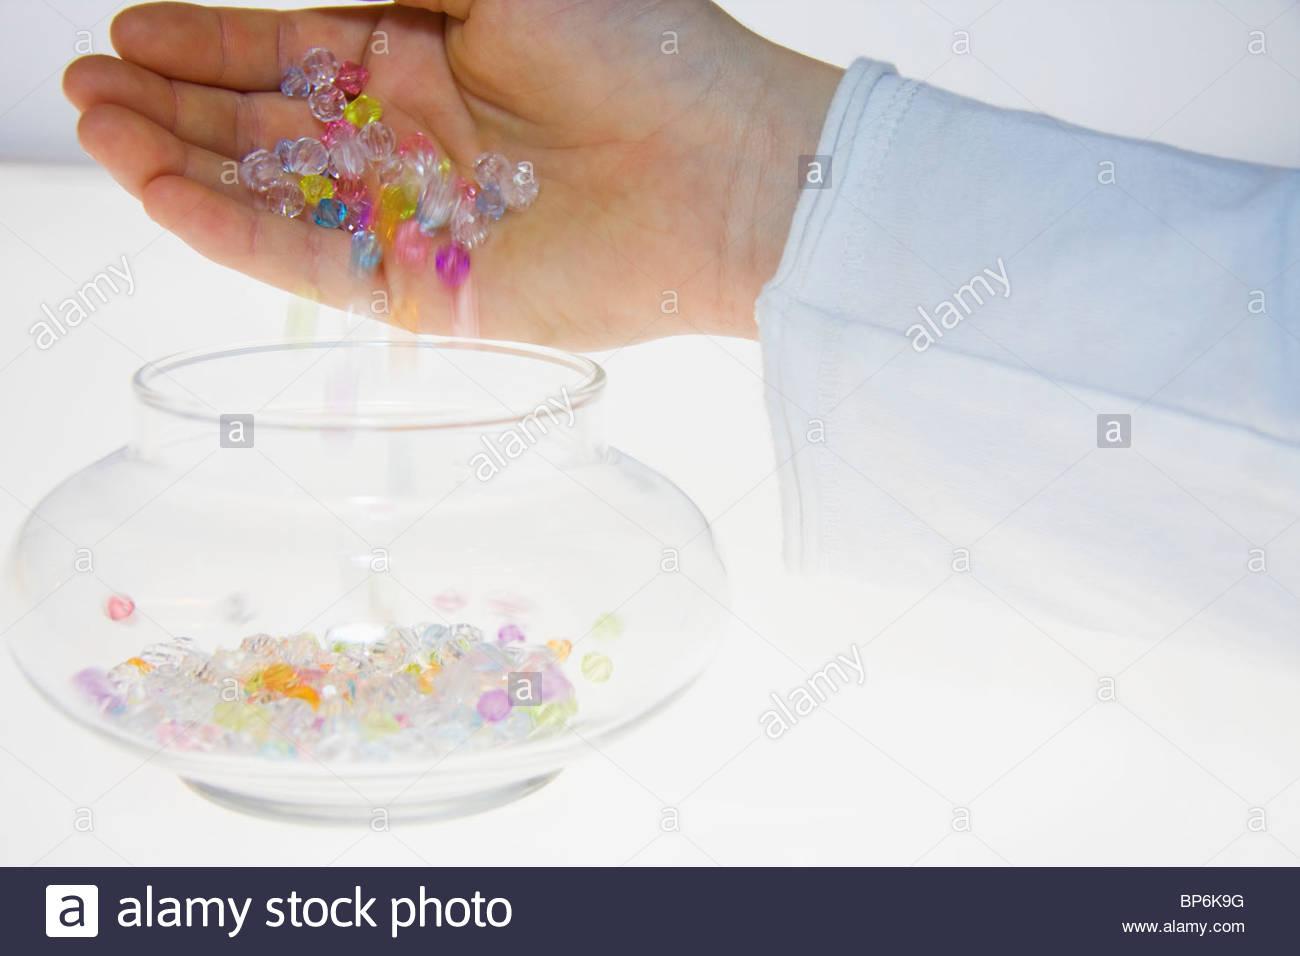 Eine Person, die bunte Perlen in ein Glas gießen Stockbild